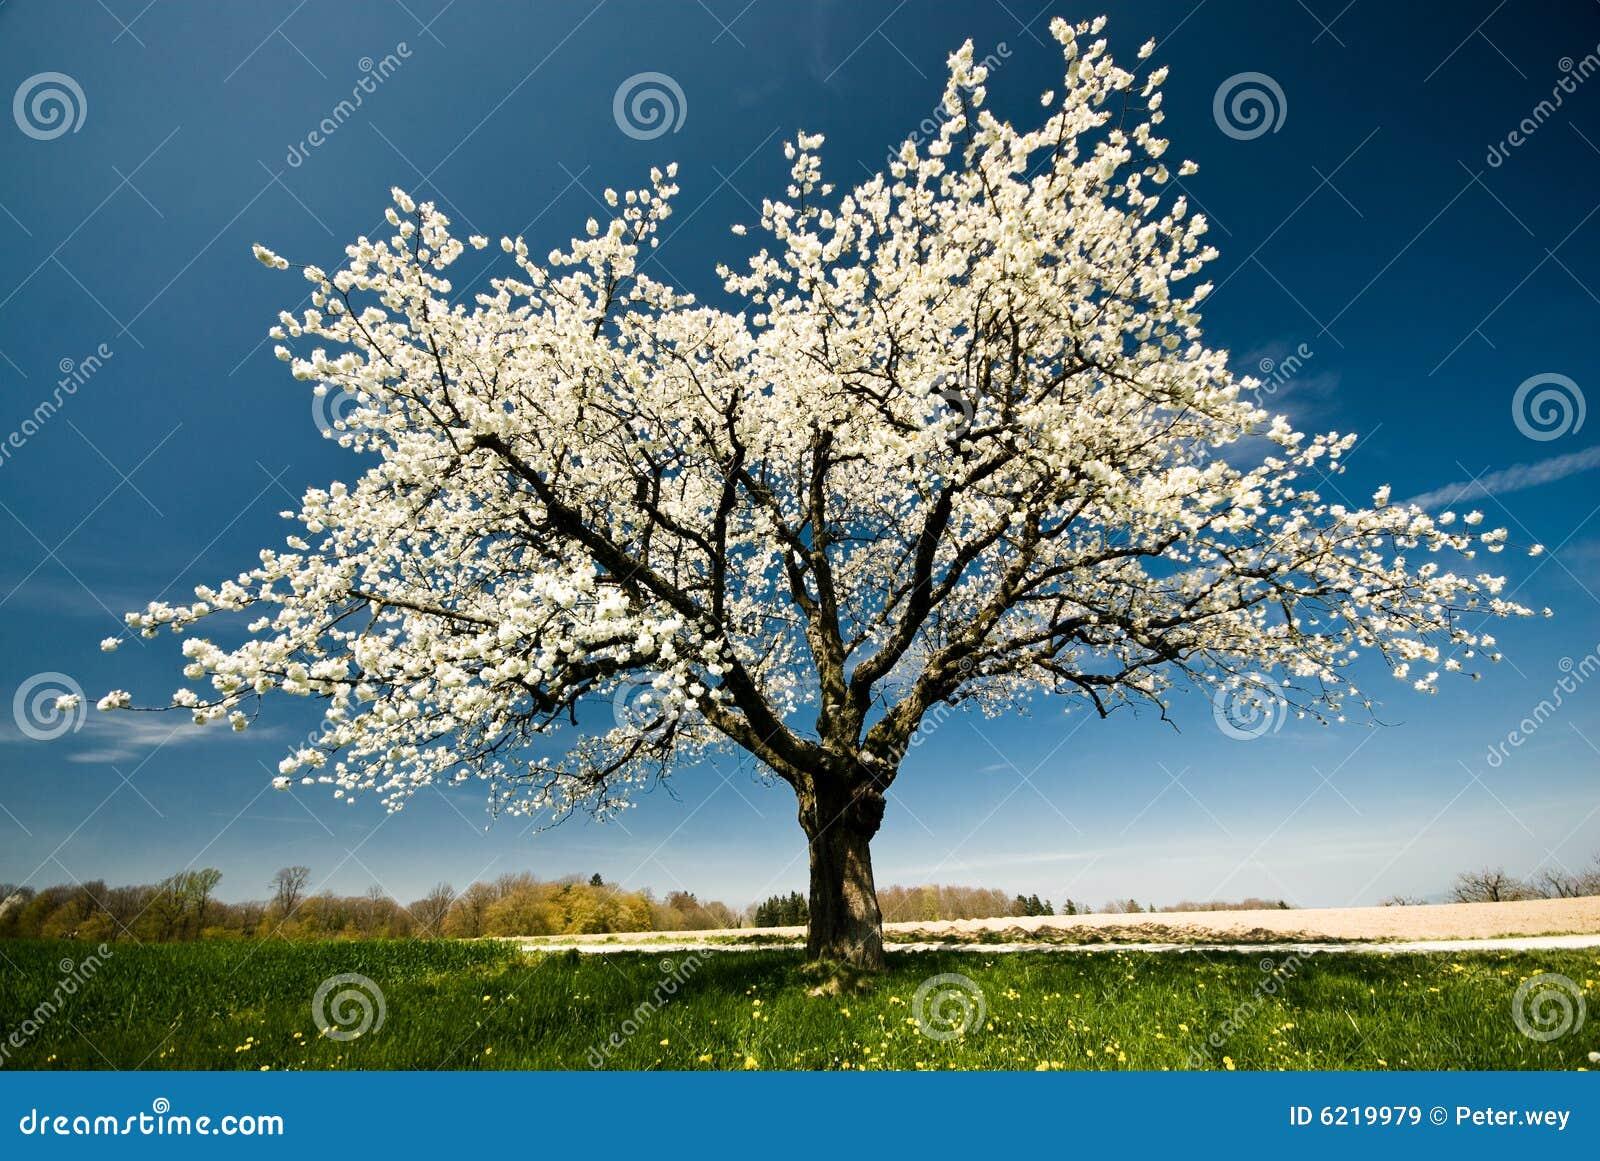 Blühender Baum im Frühjahr.